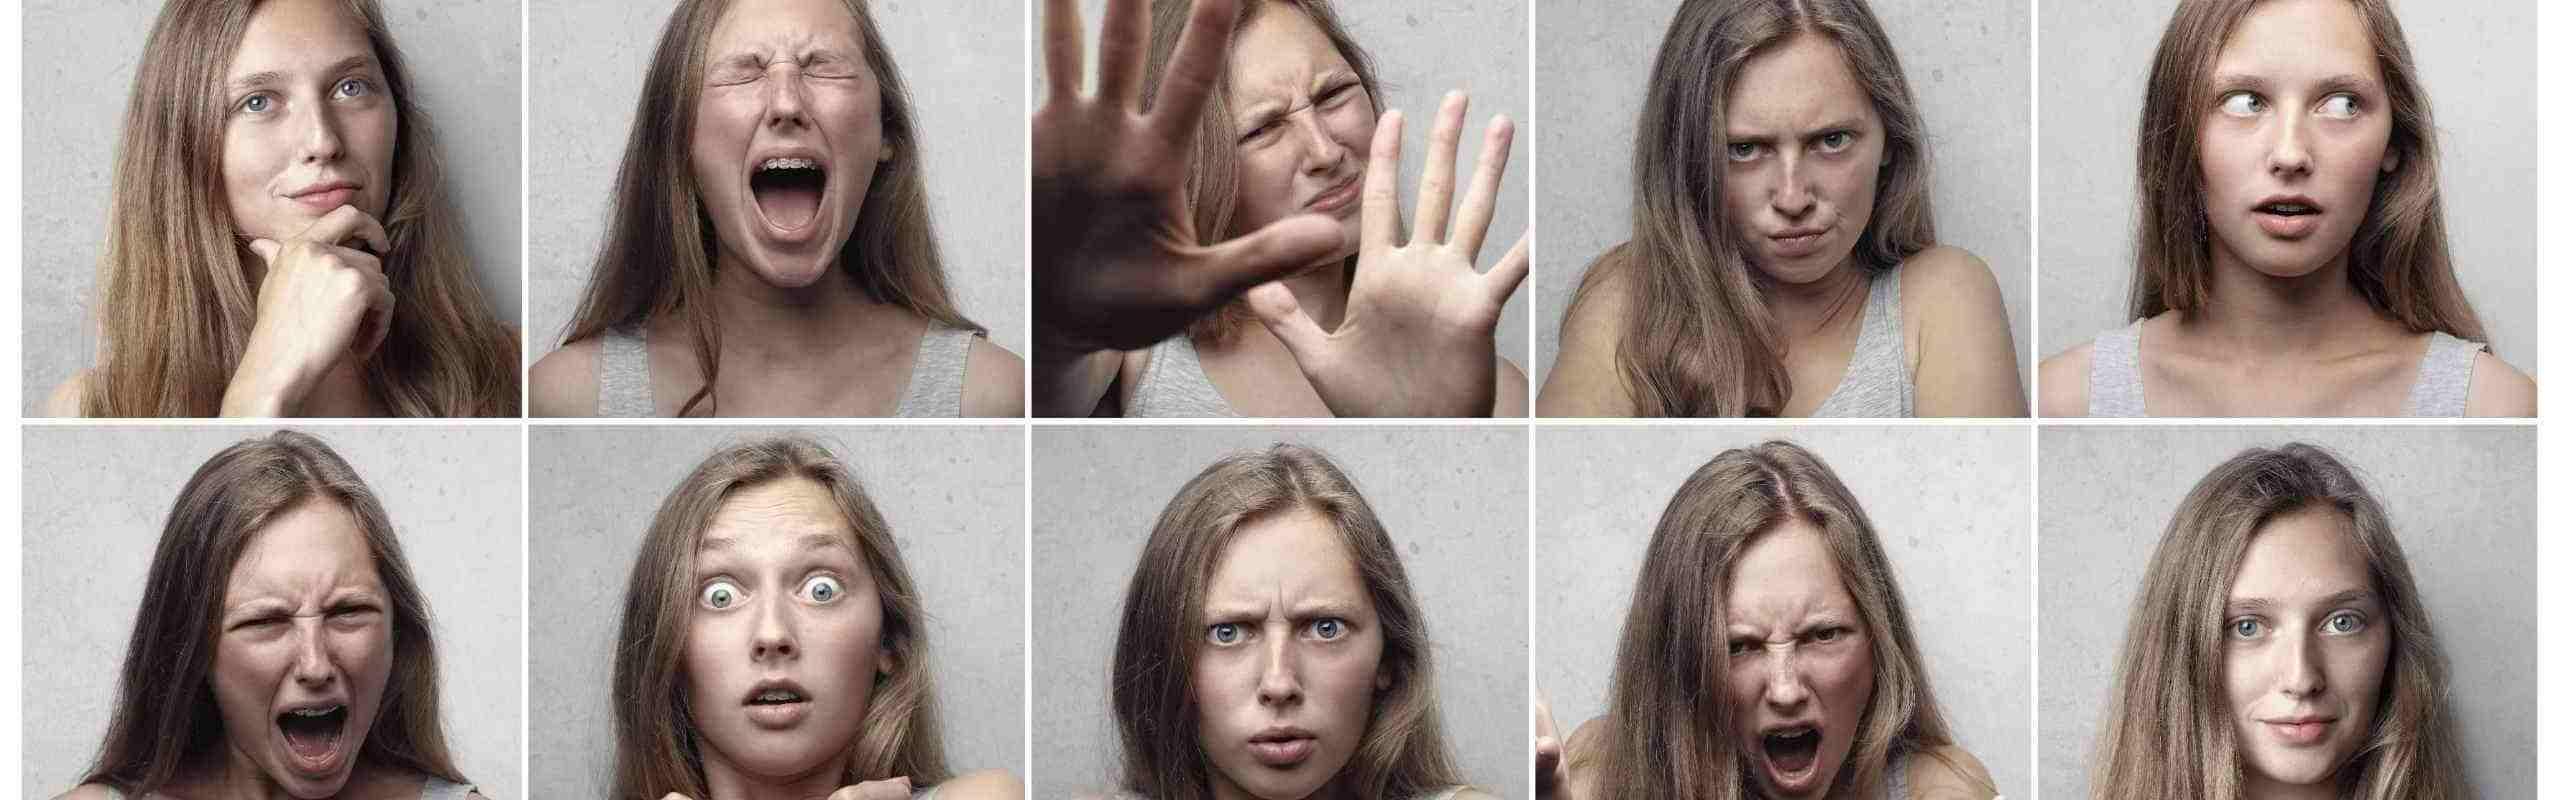 Te explicamos algunas técnicas para la regulación emocional